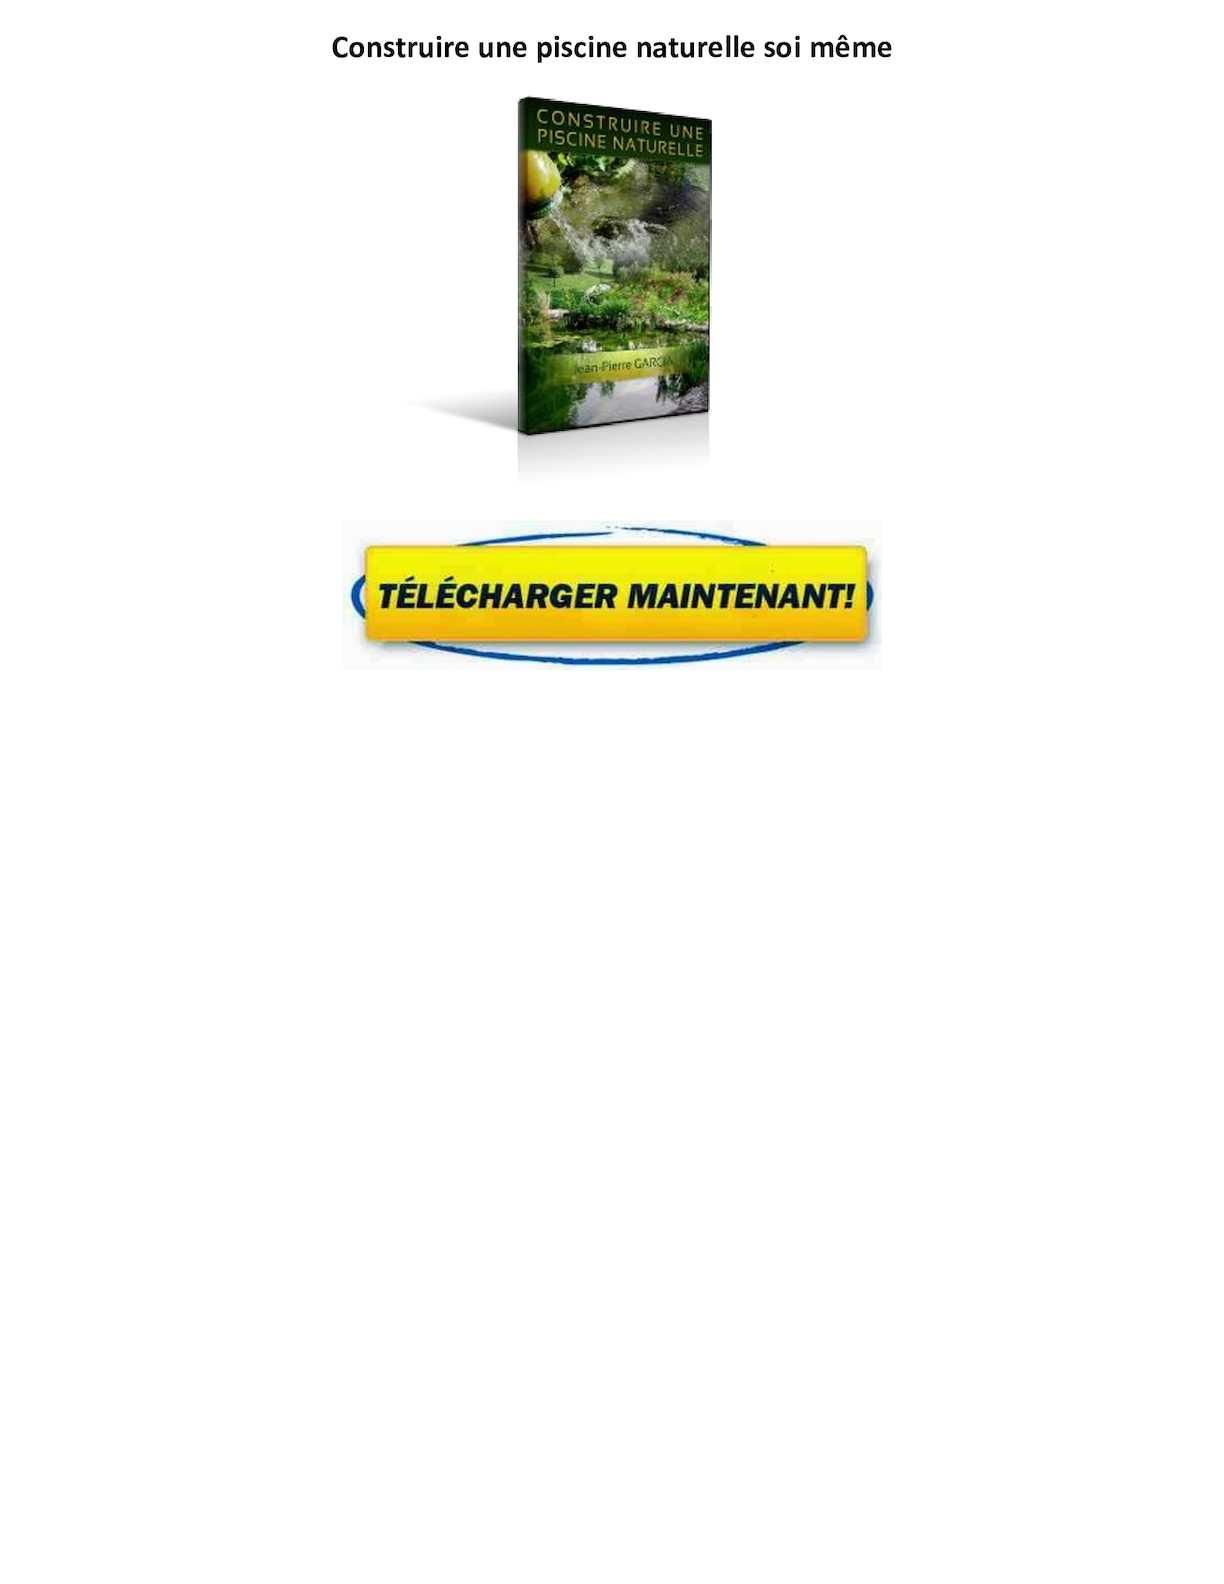 Comment Faire Une Piscine Soi Meme calaméo - livre construire une piscine naturelle gratuit pdf